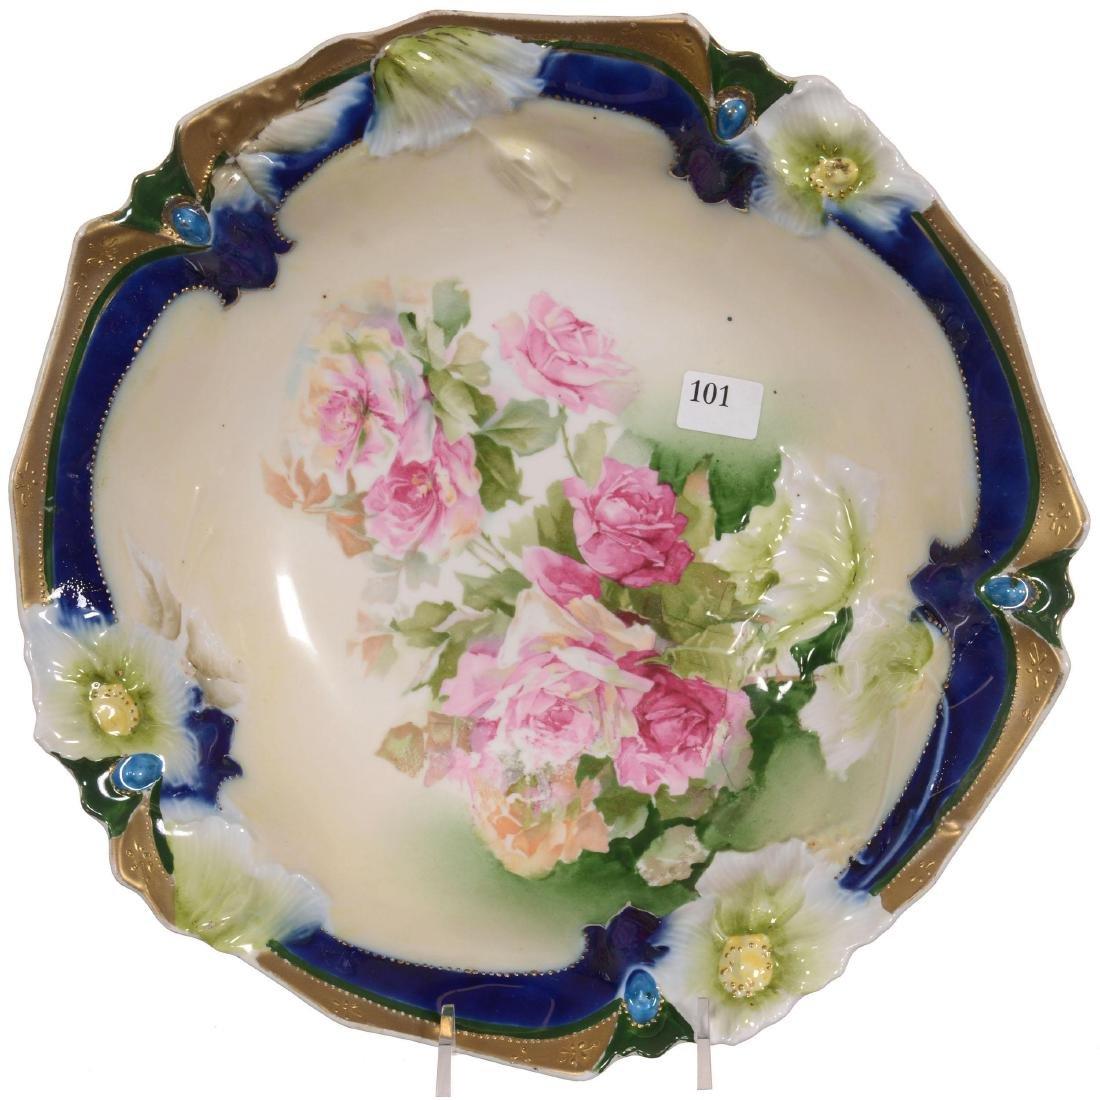 RSP Floral Mold Bowl